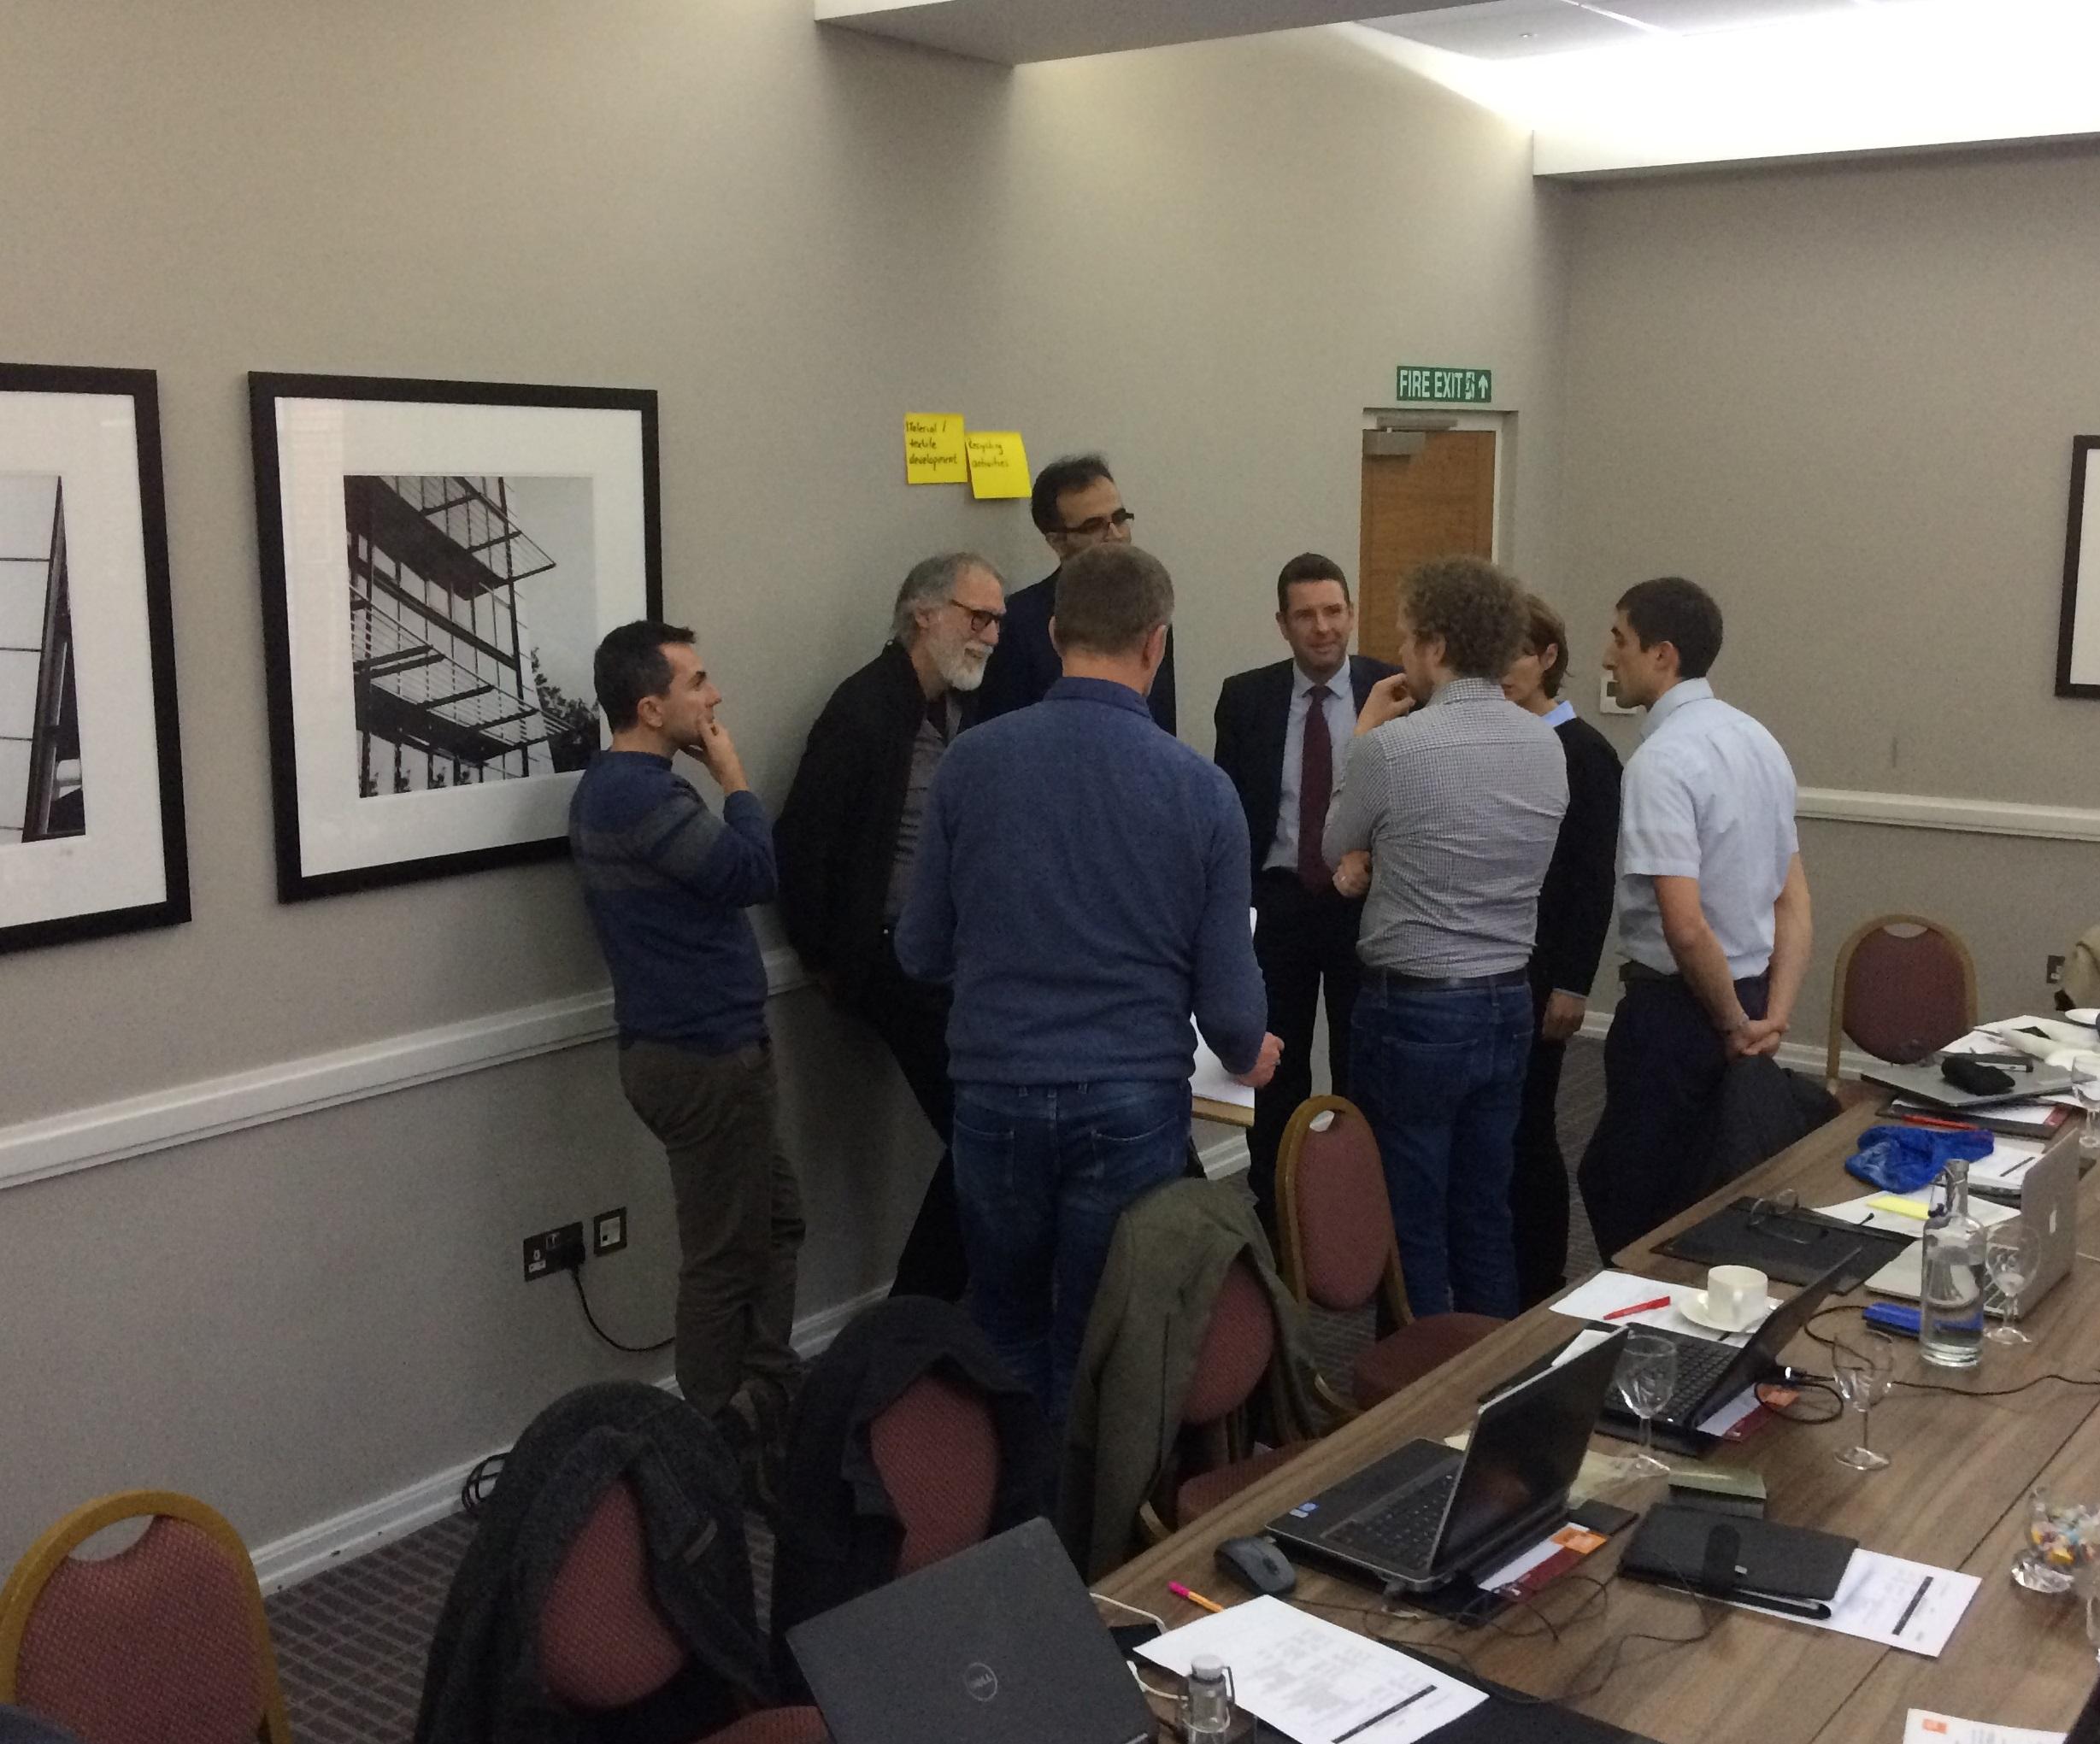 GA Meeting in Leeds